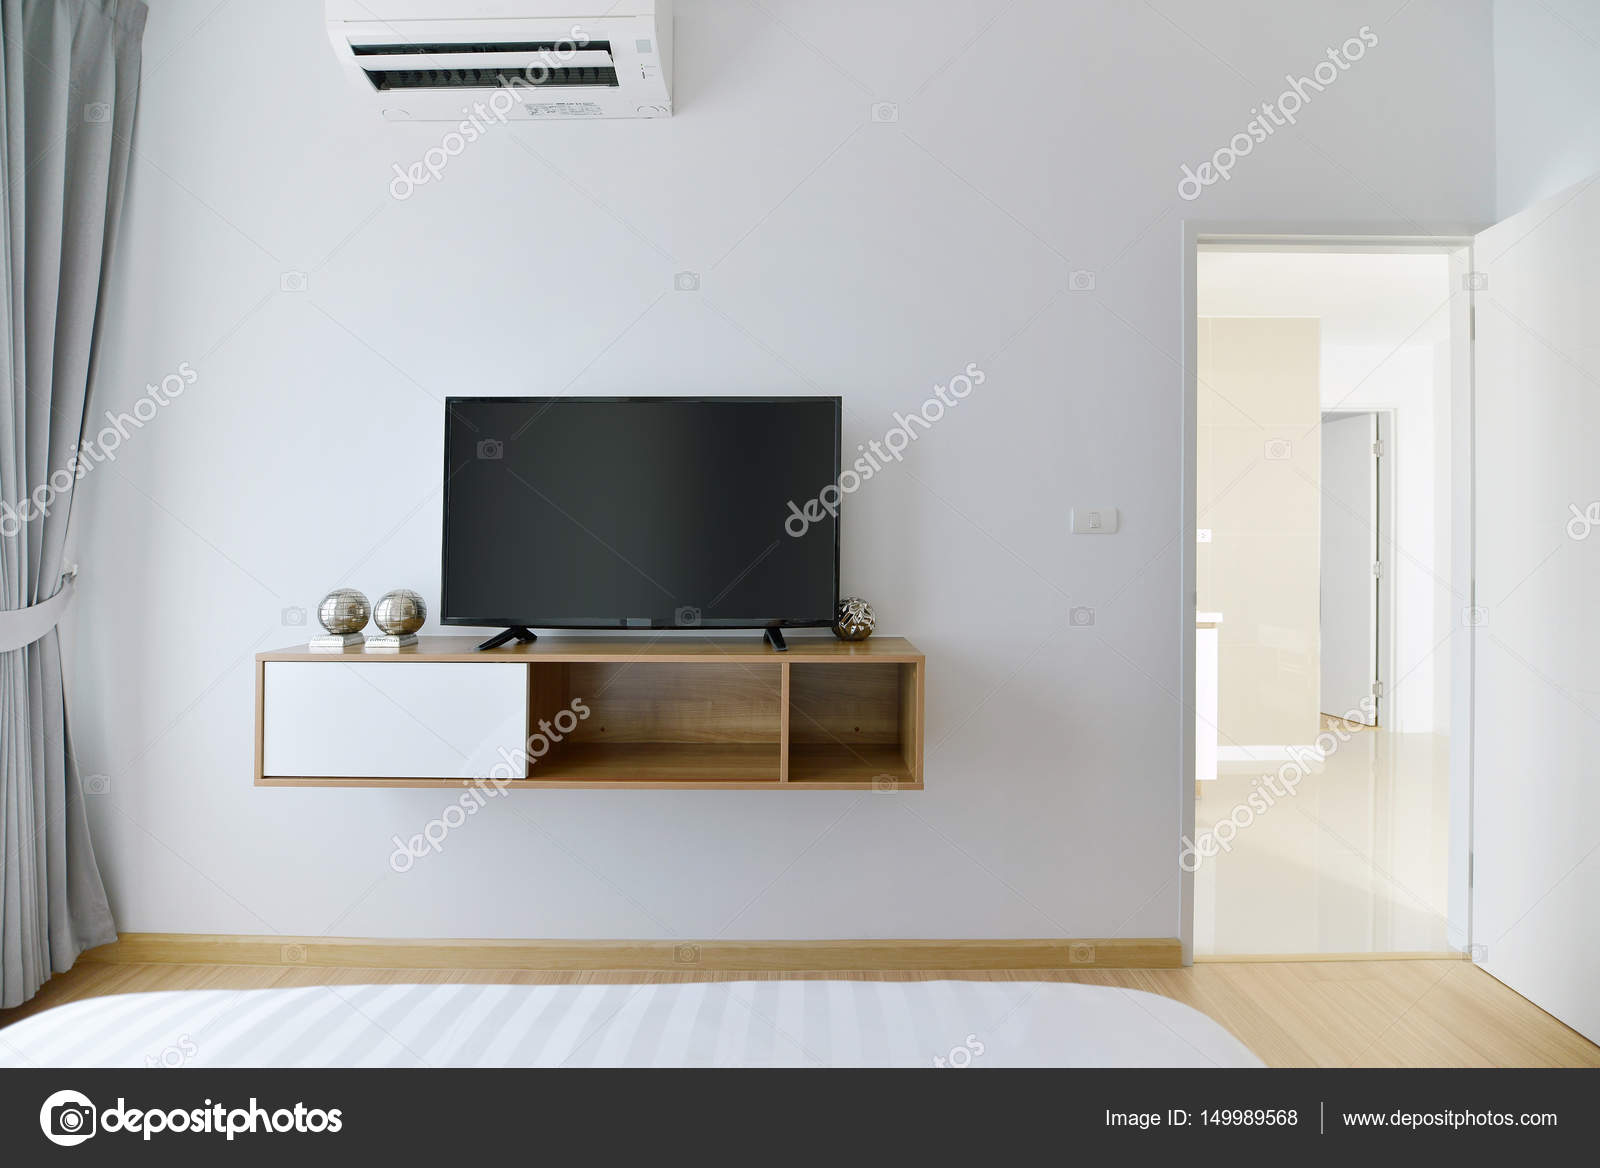 Quarto Vazio Moderno Com Tv Led Na Parede Branca E Prateleira De